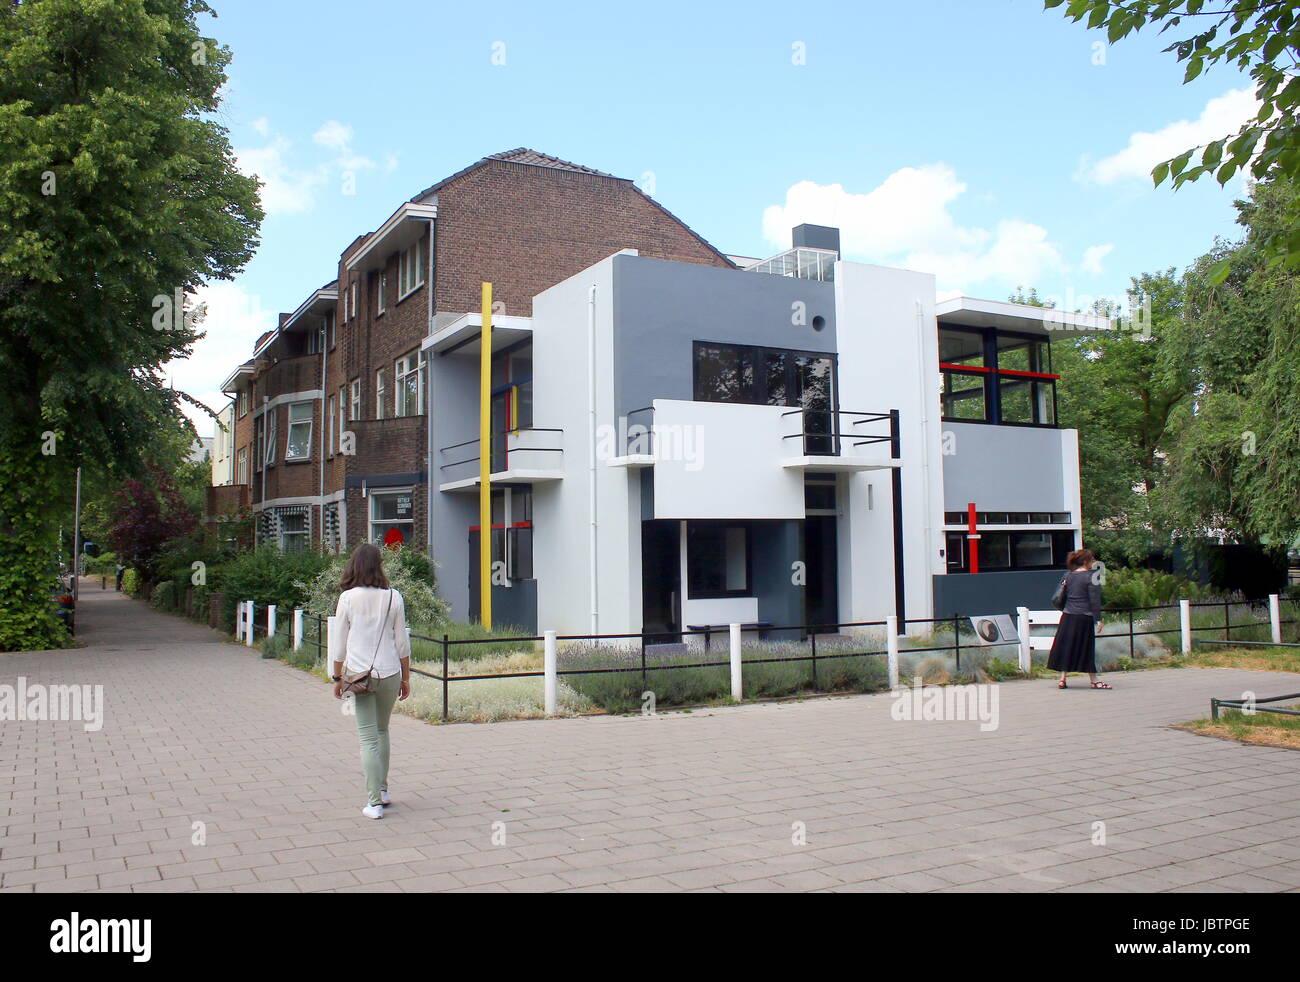 Rietveld Schröder Haus Museum Entworfen Von De Stijl Architekten